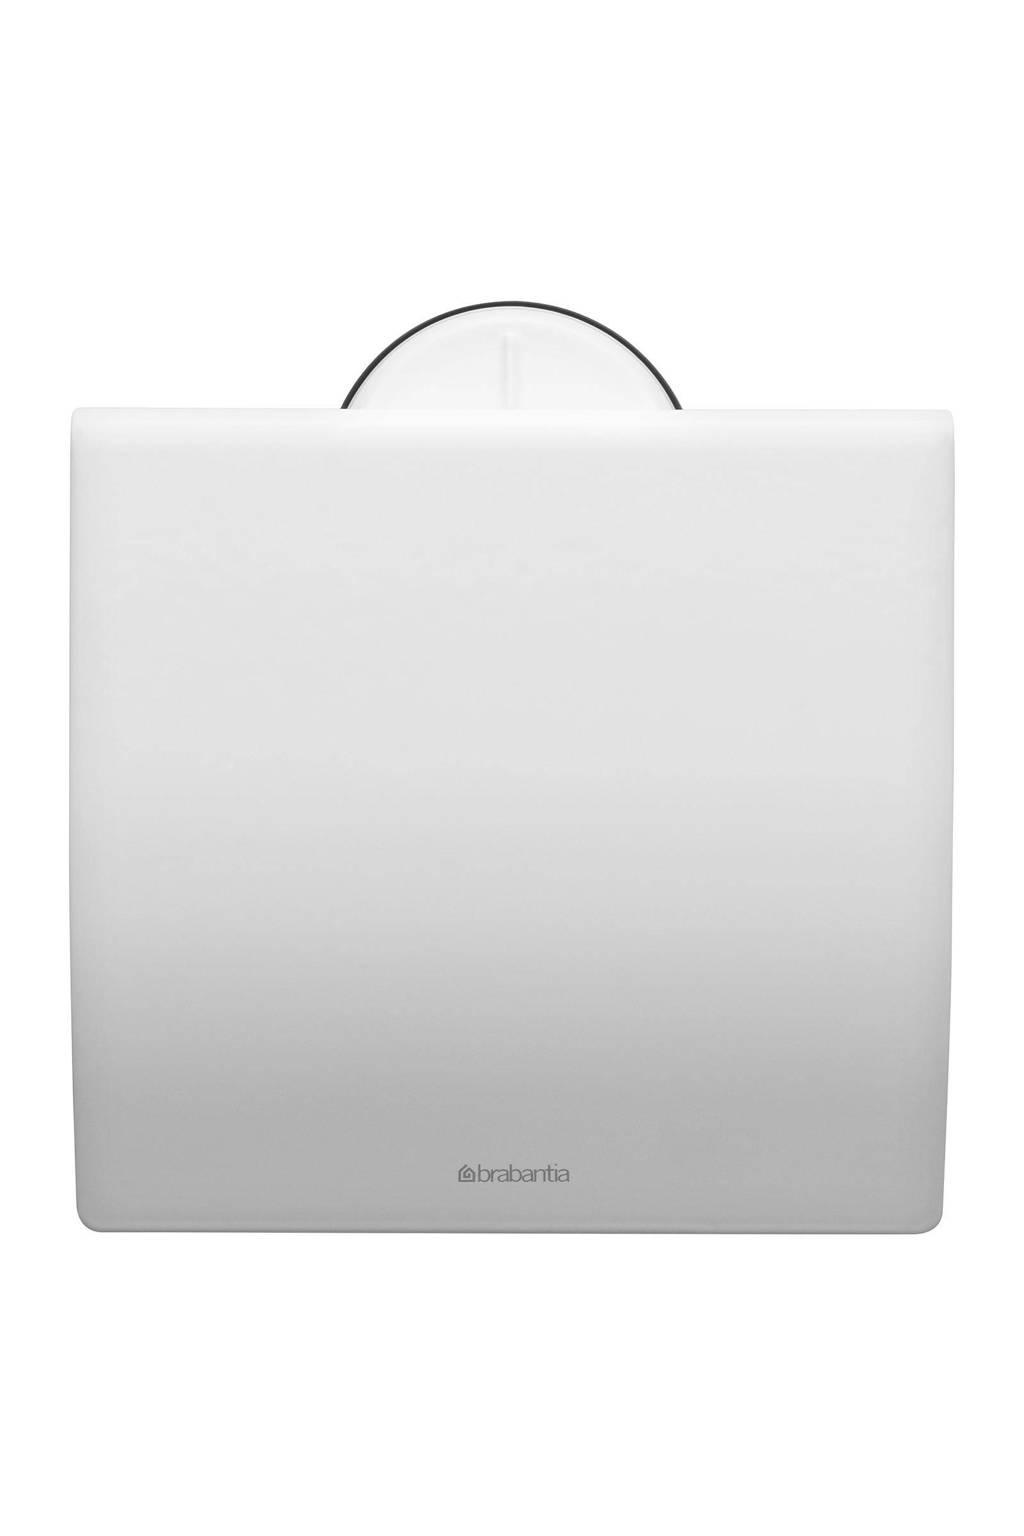 Brabantia toiletrolhouder met klep  wit, Wit